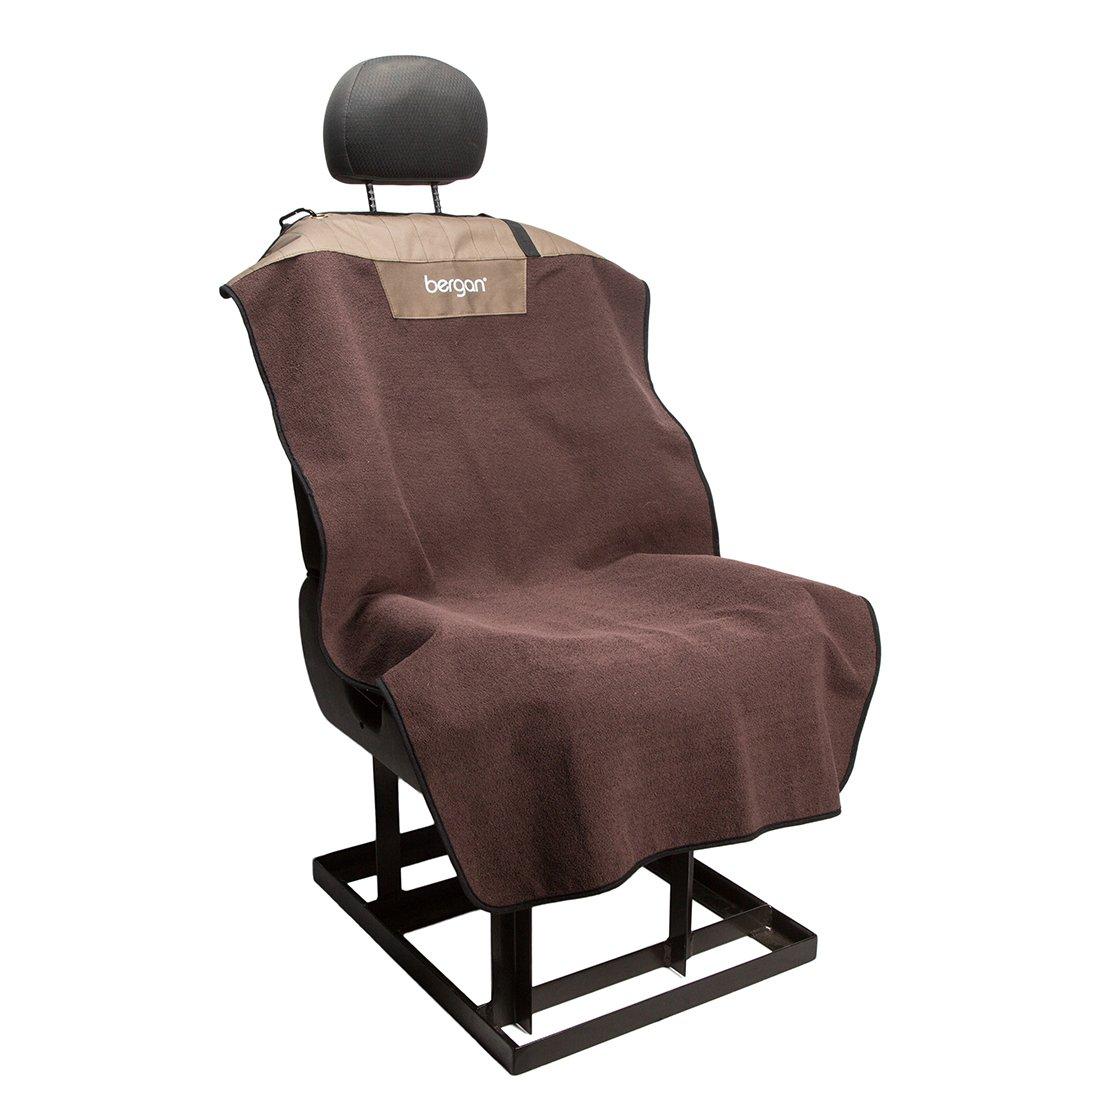 Bergan Bucket Seat Cover, Premium Microfiber, Mole' Brown